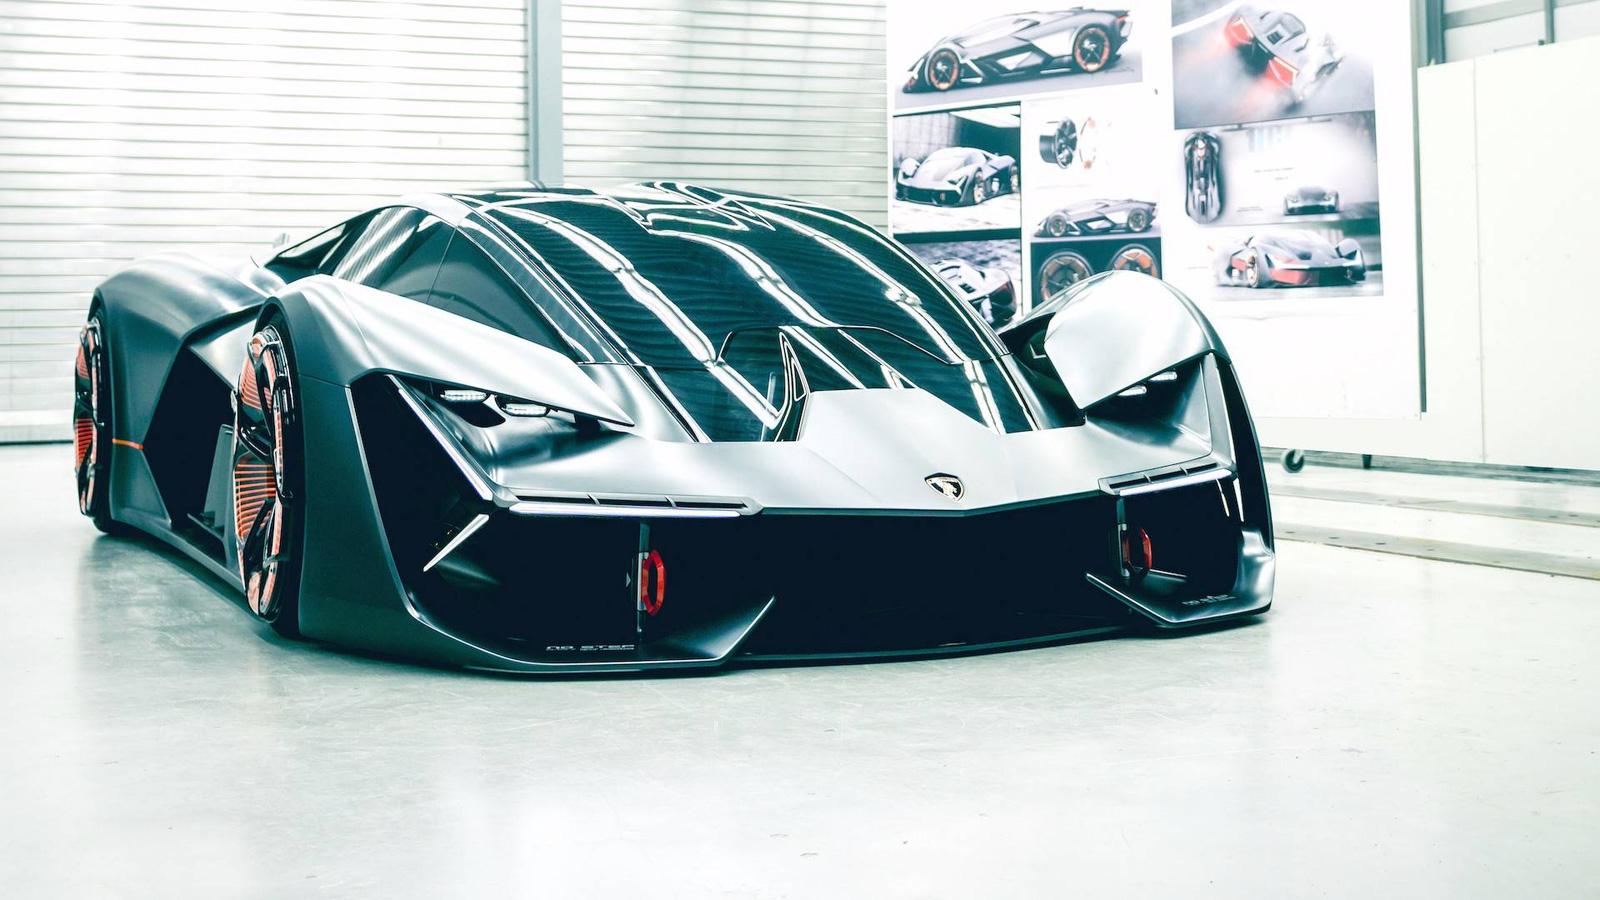 Vi-sao-Lamborghini-chua-tung-ra-sieu-xe-dien-anh-2